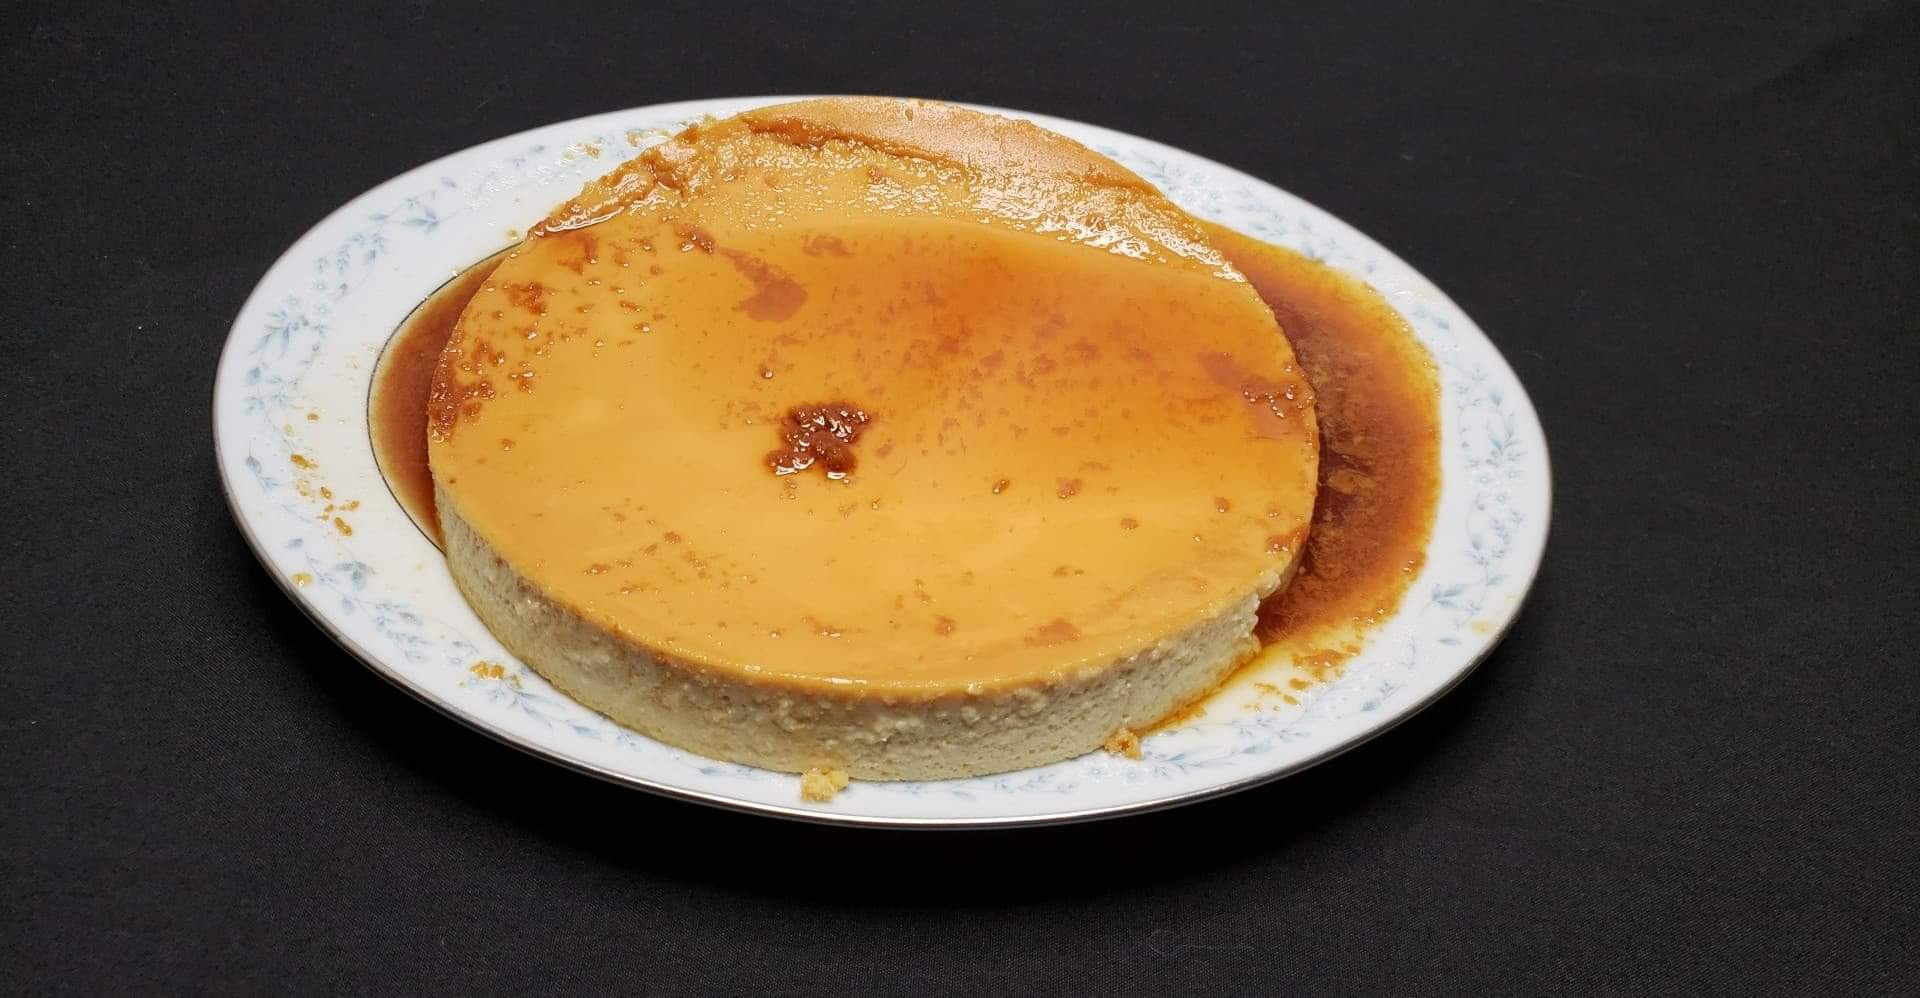 Flan de Queso (Cream Cheese Flan)